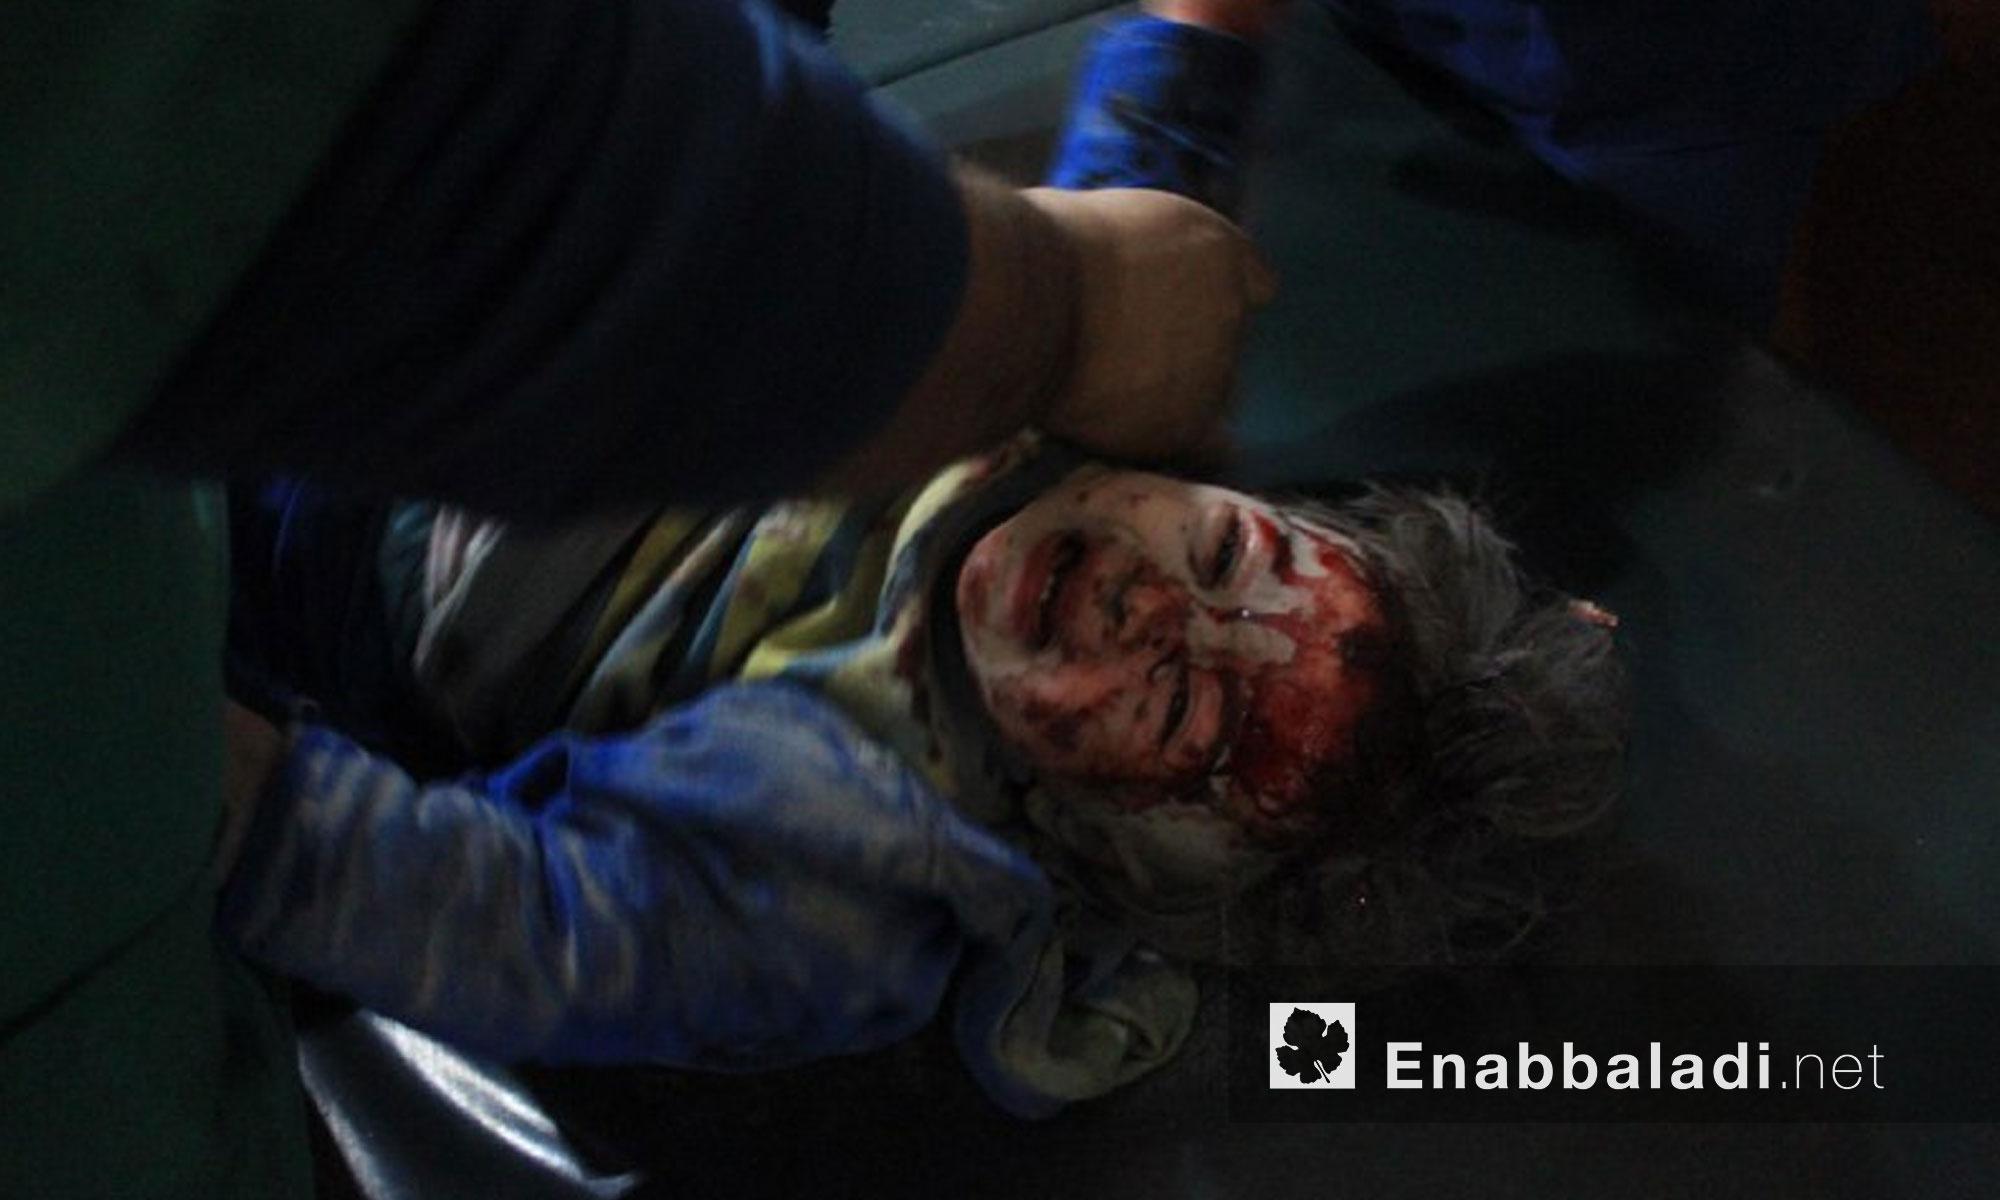 أطفال جرحى جراء القصف على بلدة حمورية في الغوطة الشرقية - 9 كانون الثاني 2018 (عنب بلدي)